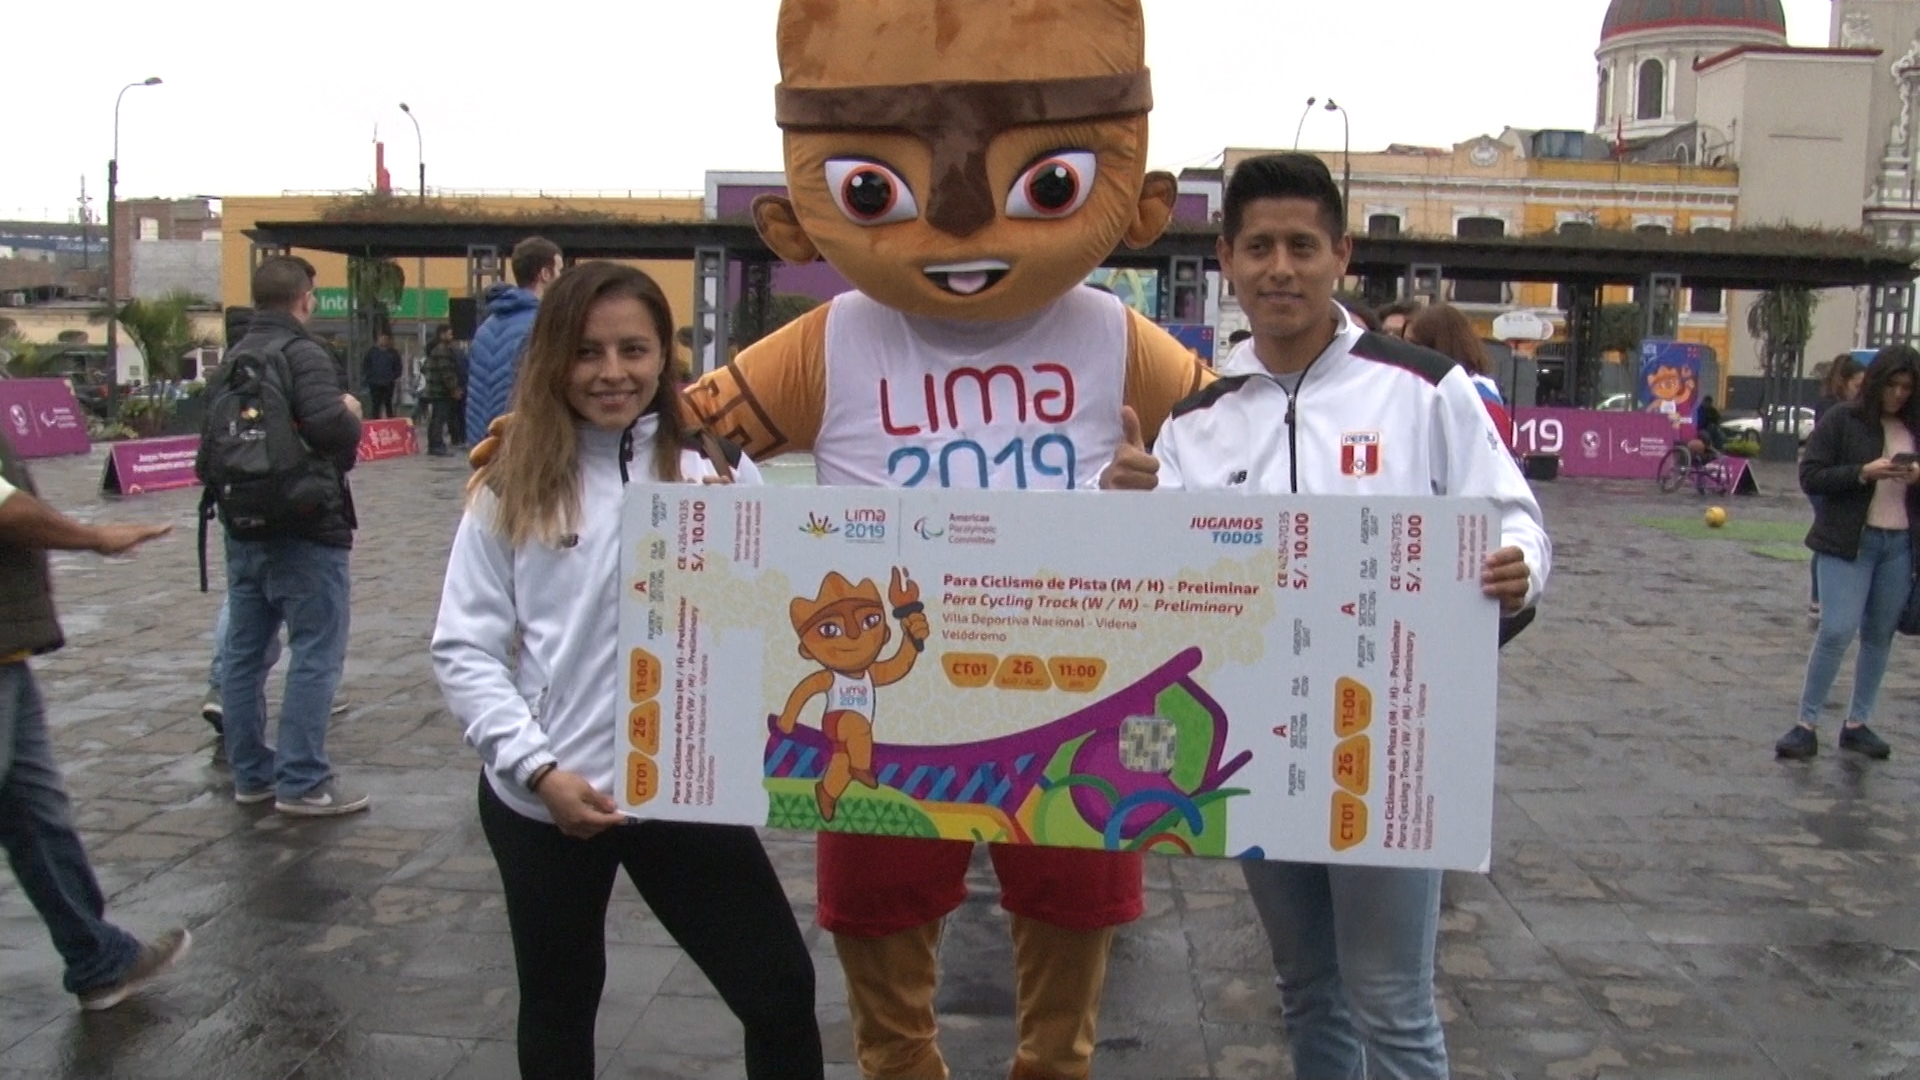 Lima 2019: medallistas apoyan a los Parapanamericanos